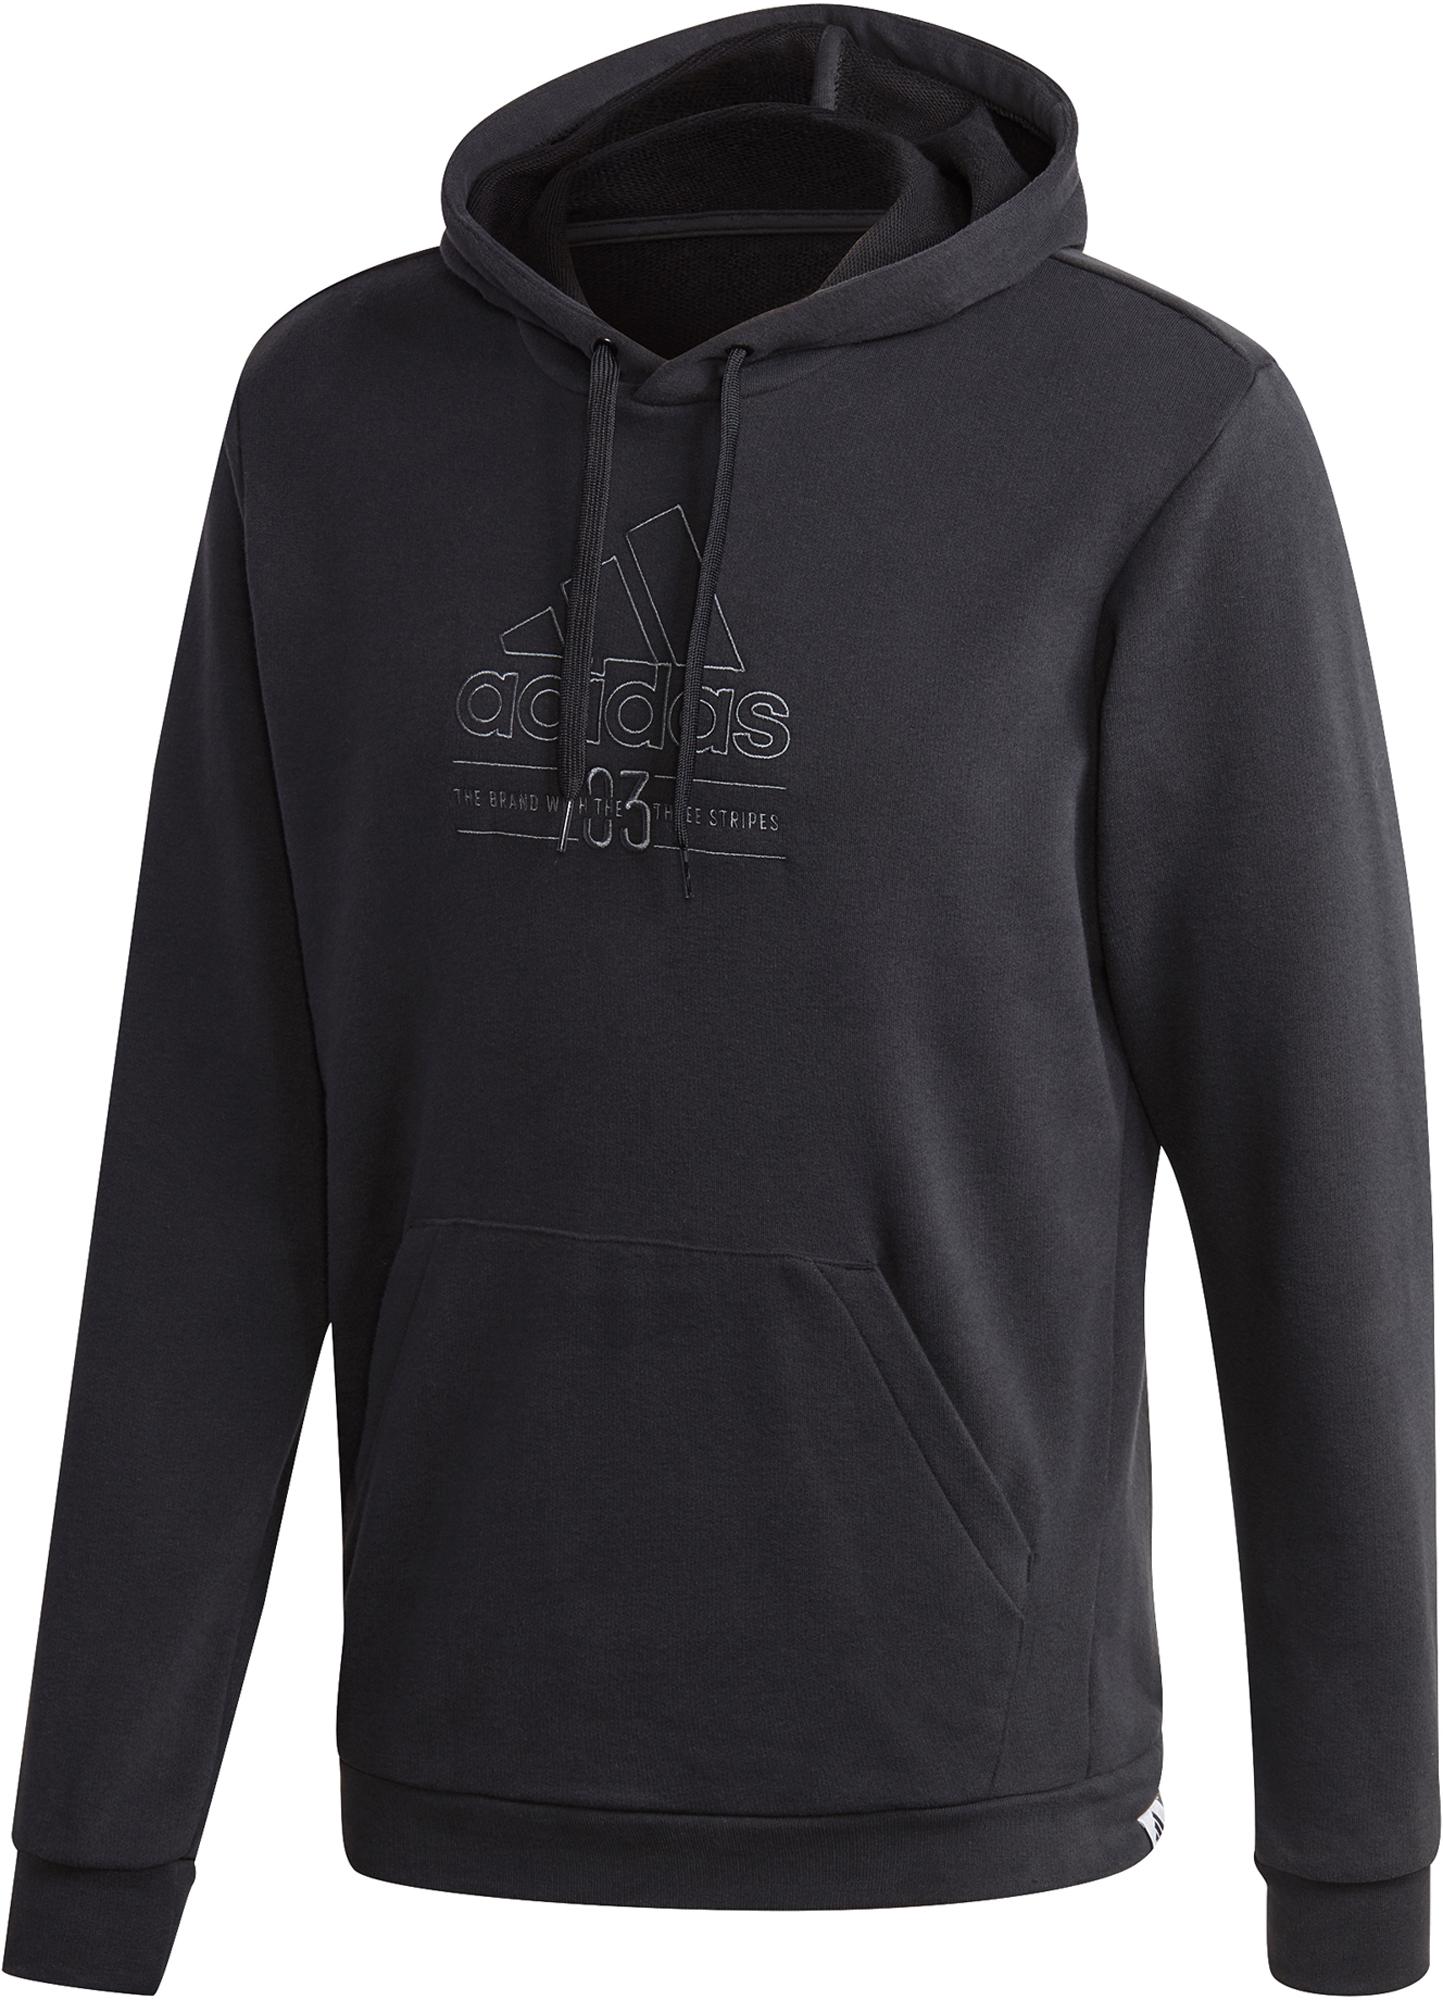 худи женское adidas ess 3s fz hd цвет серый розовый br2438 размер s 42 44 Adidas Худи мужская adidas Brilliant Basic, размер 52-54